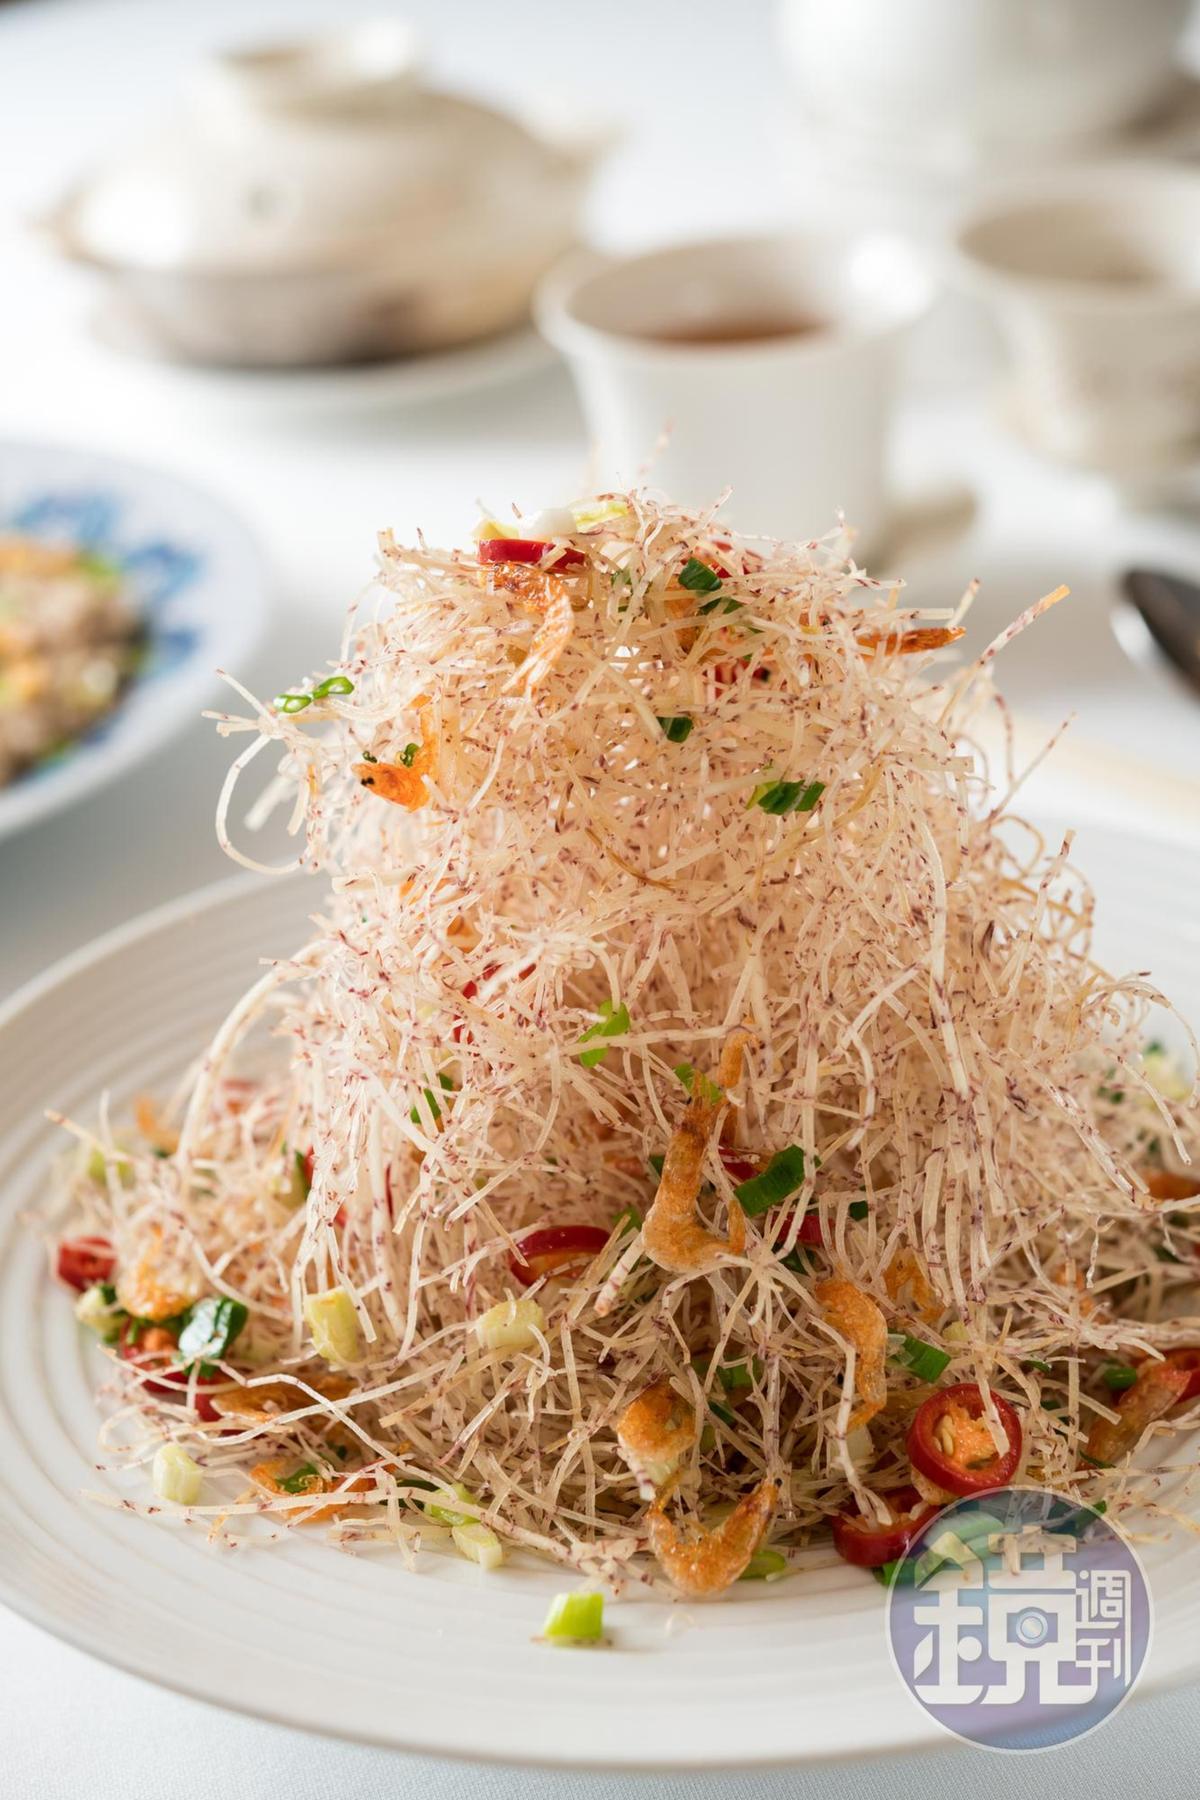 「櫻花蝦芋頭絲」精湛刀工成就極脆口感,想來定是下酒恩物。(280元/份)